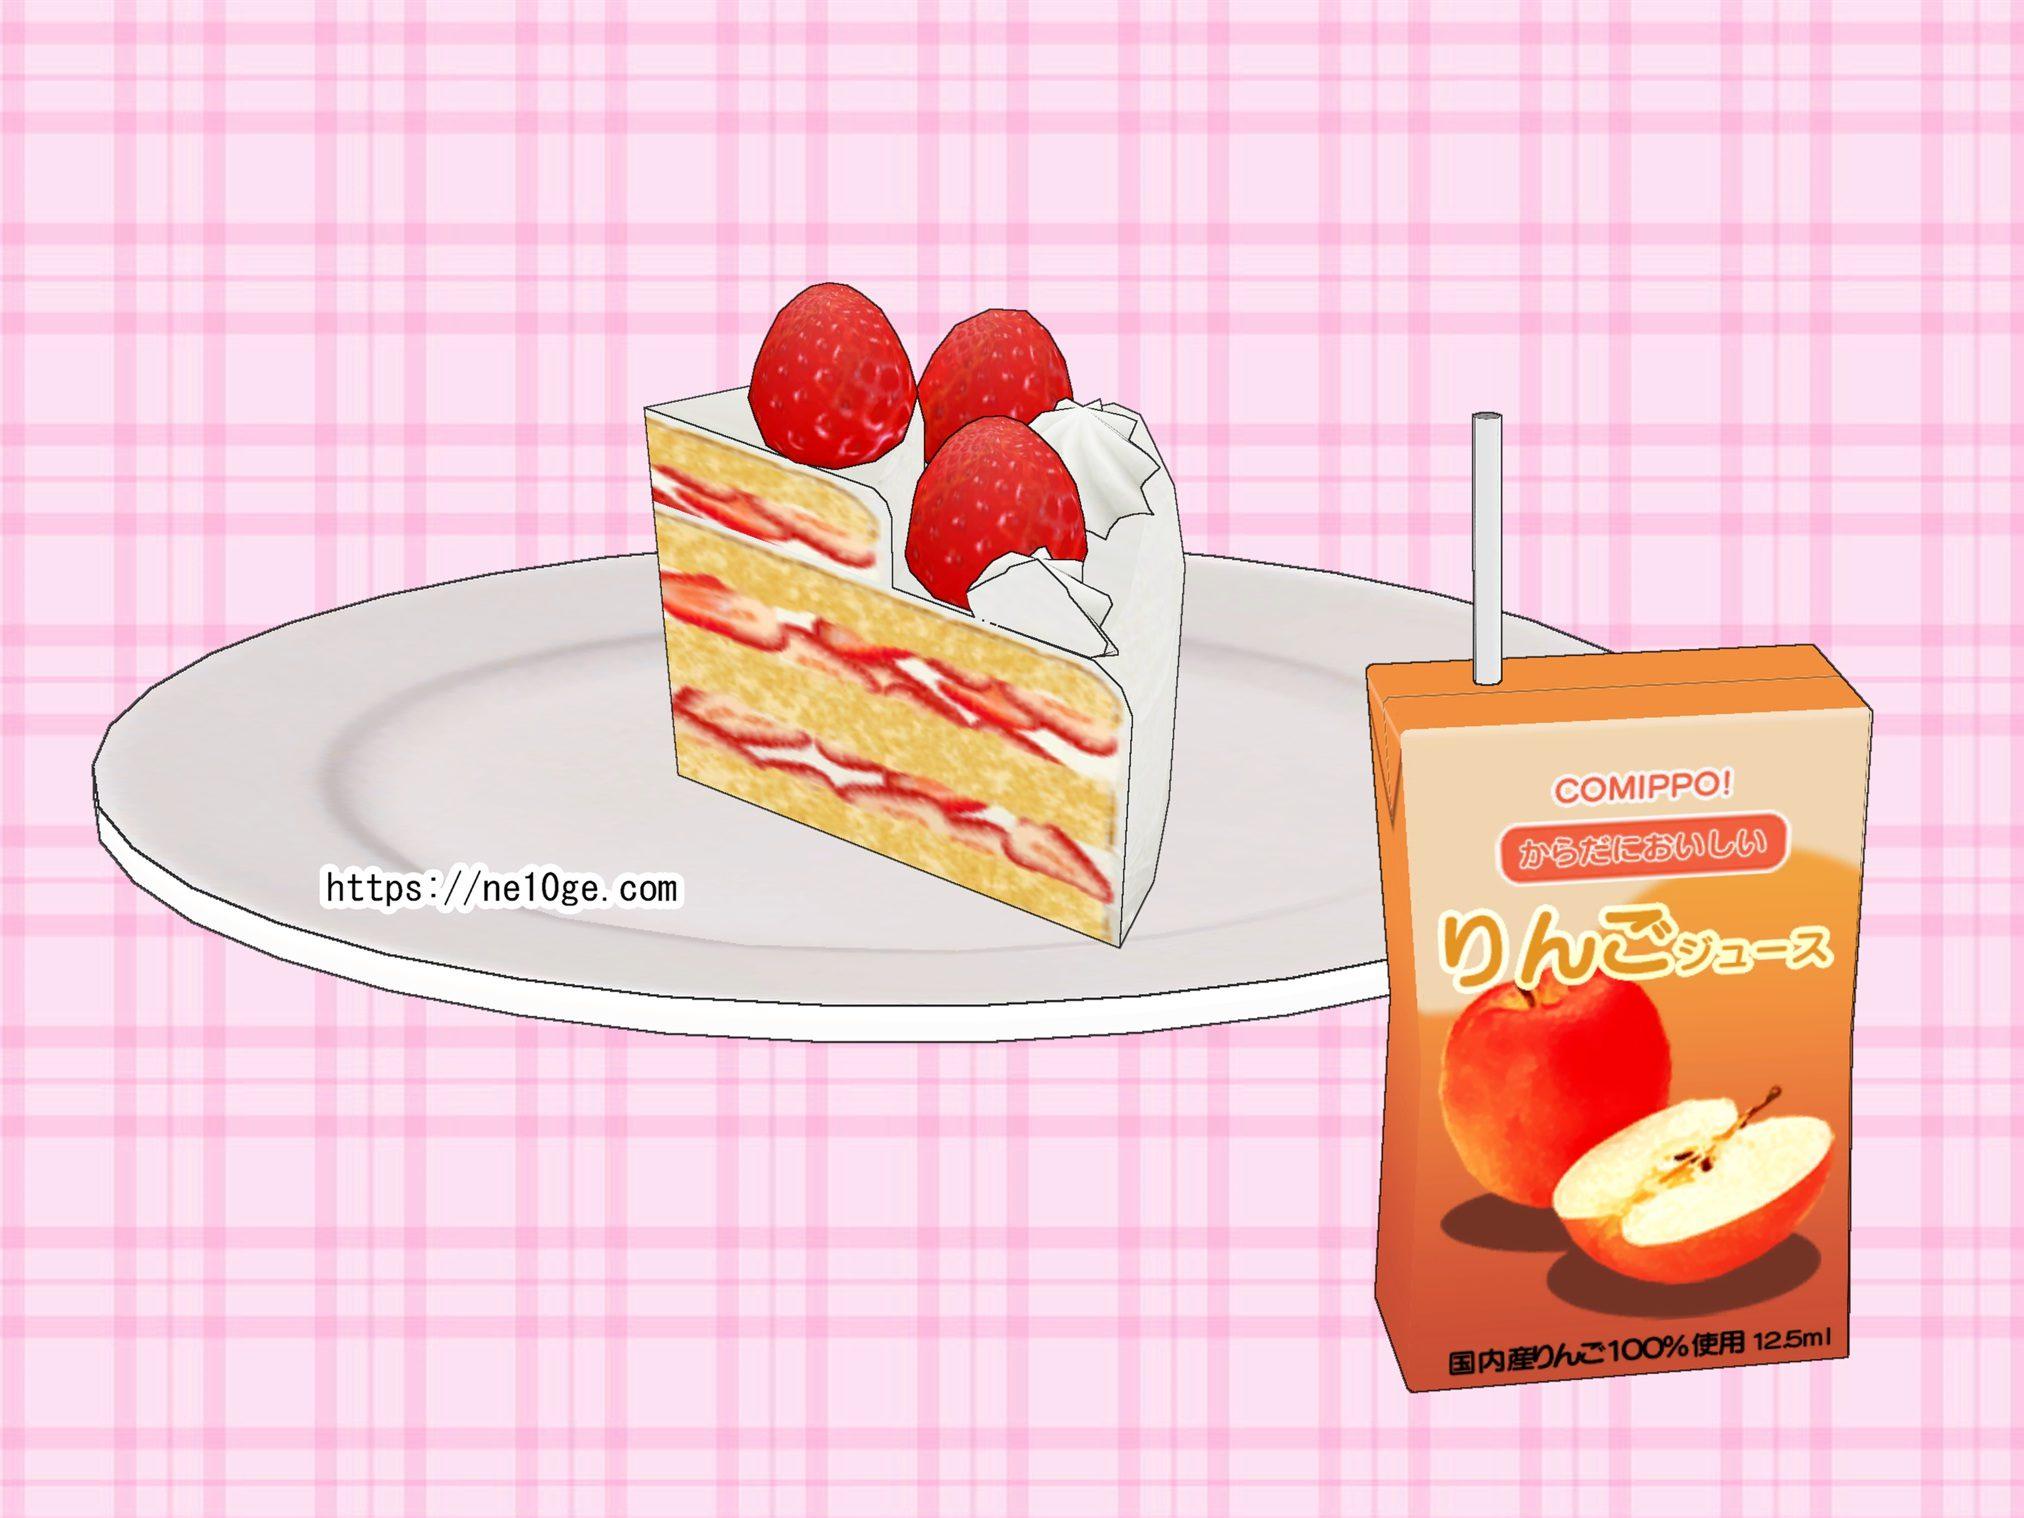 甘いものを食べると結果的に血糖値が下がってより多くの甘い物を欲する